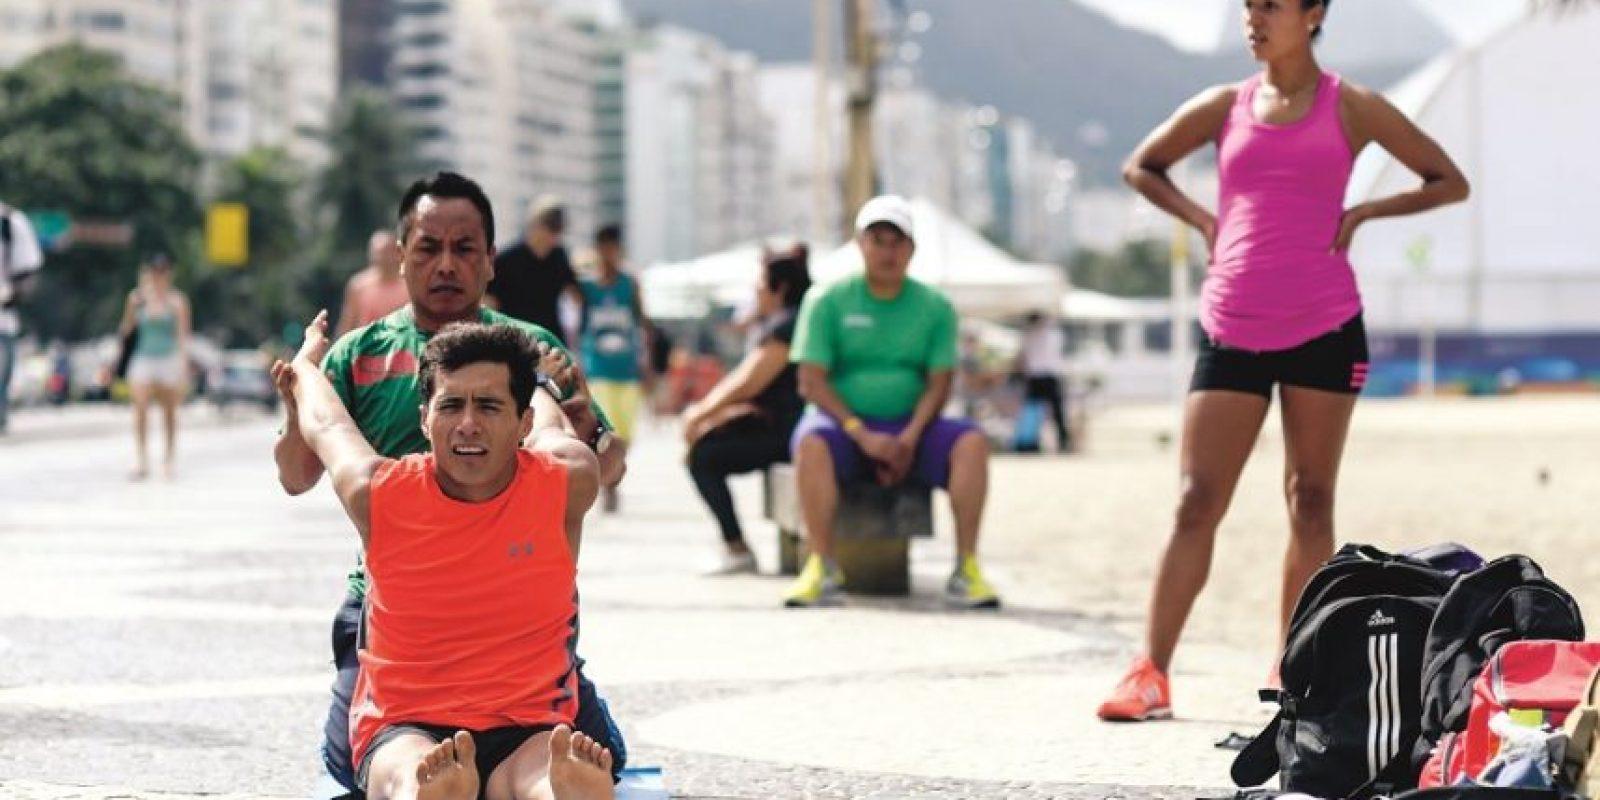 Atletas mexicanos de la marcha olímpica, como Jair Palma, ya se entrenan en la costa: El lugar recibirá pruebas de la modalidad. Foto:Fuente externa